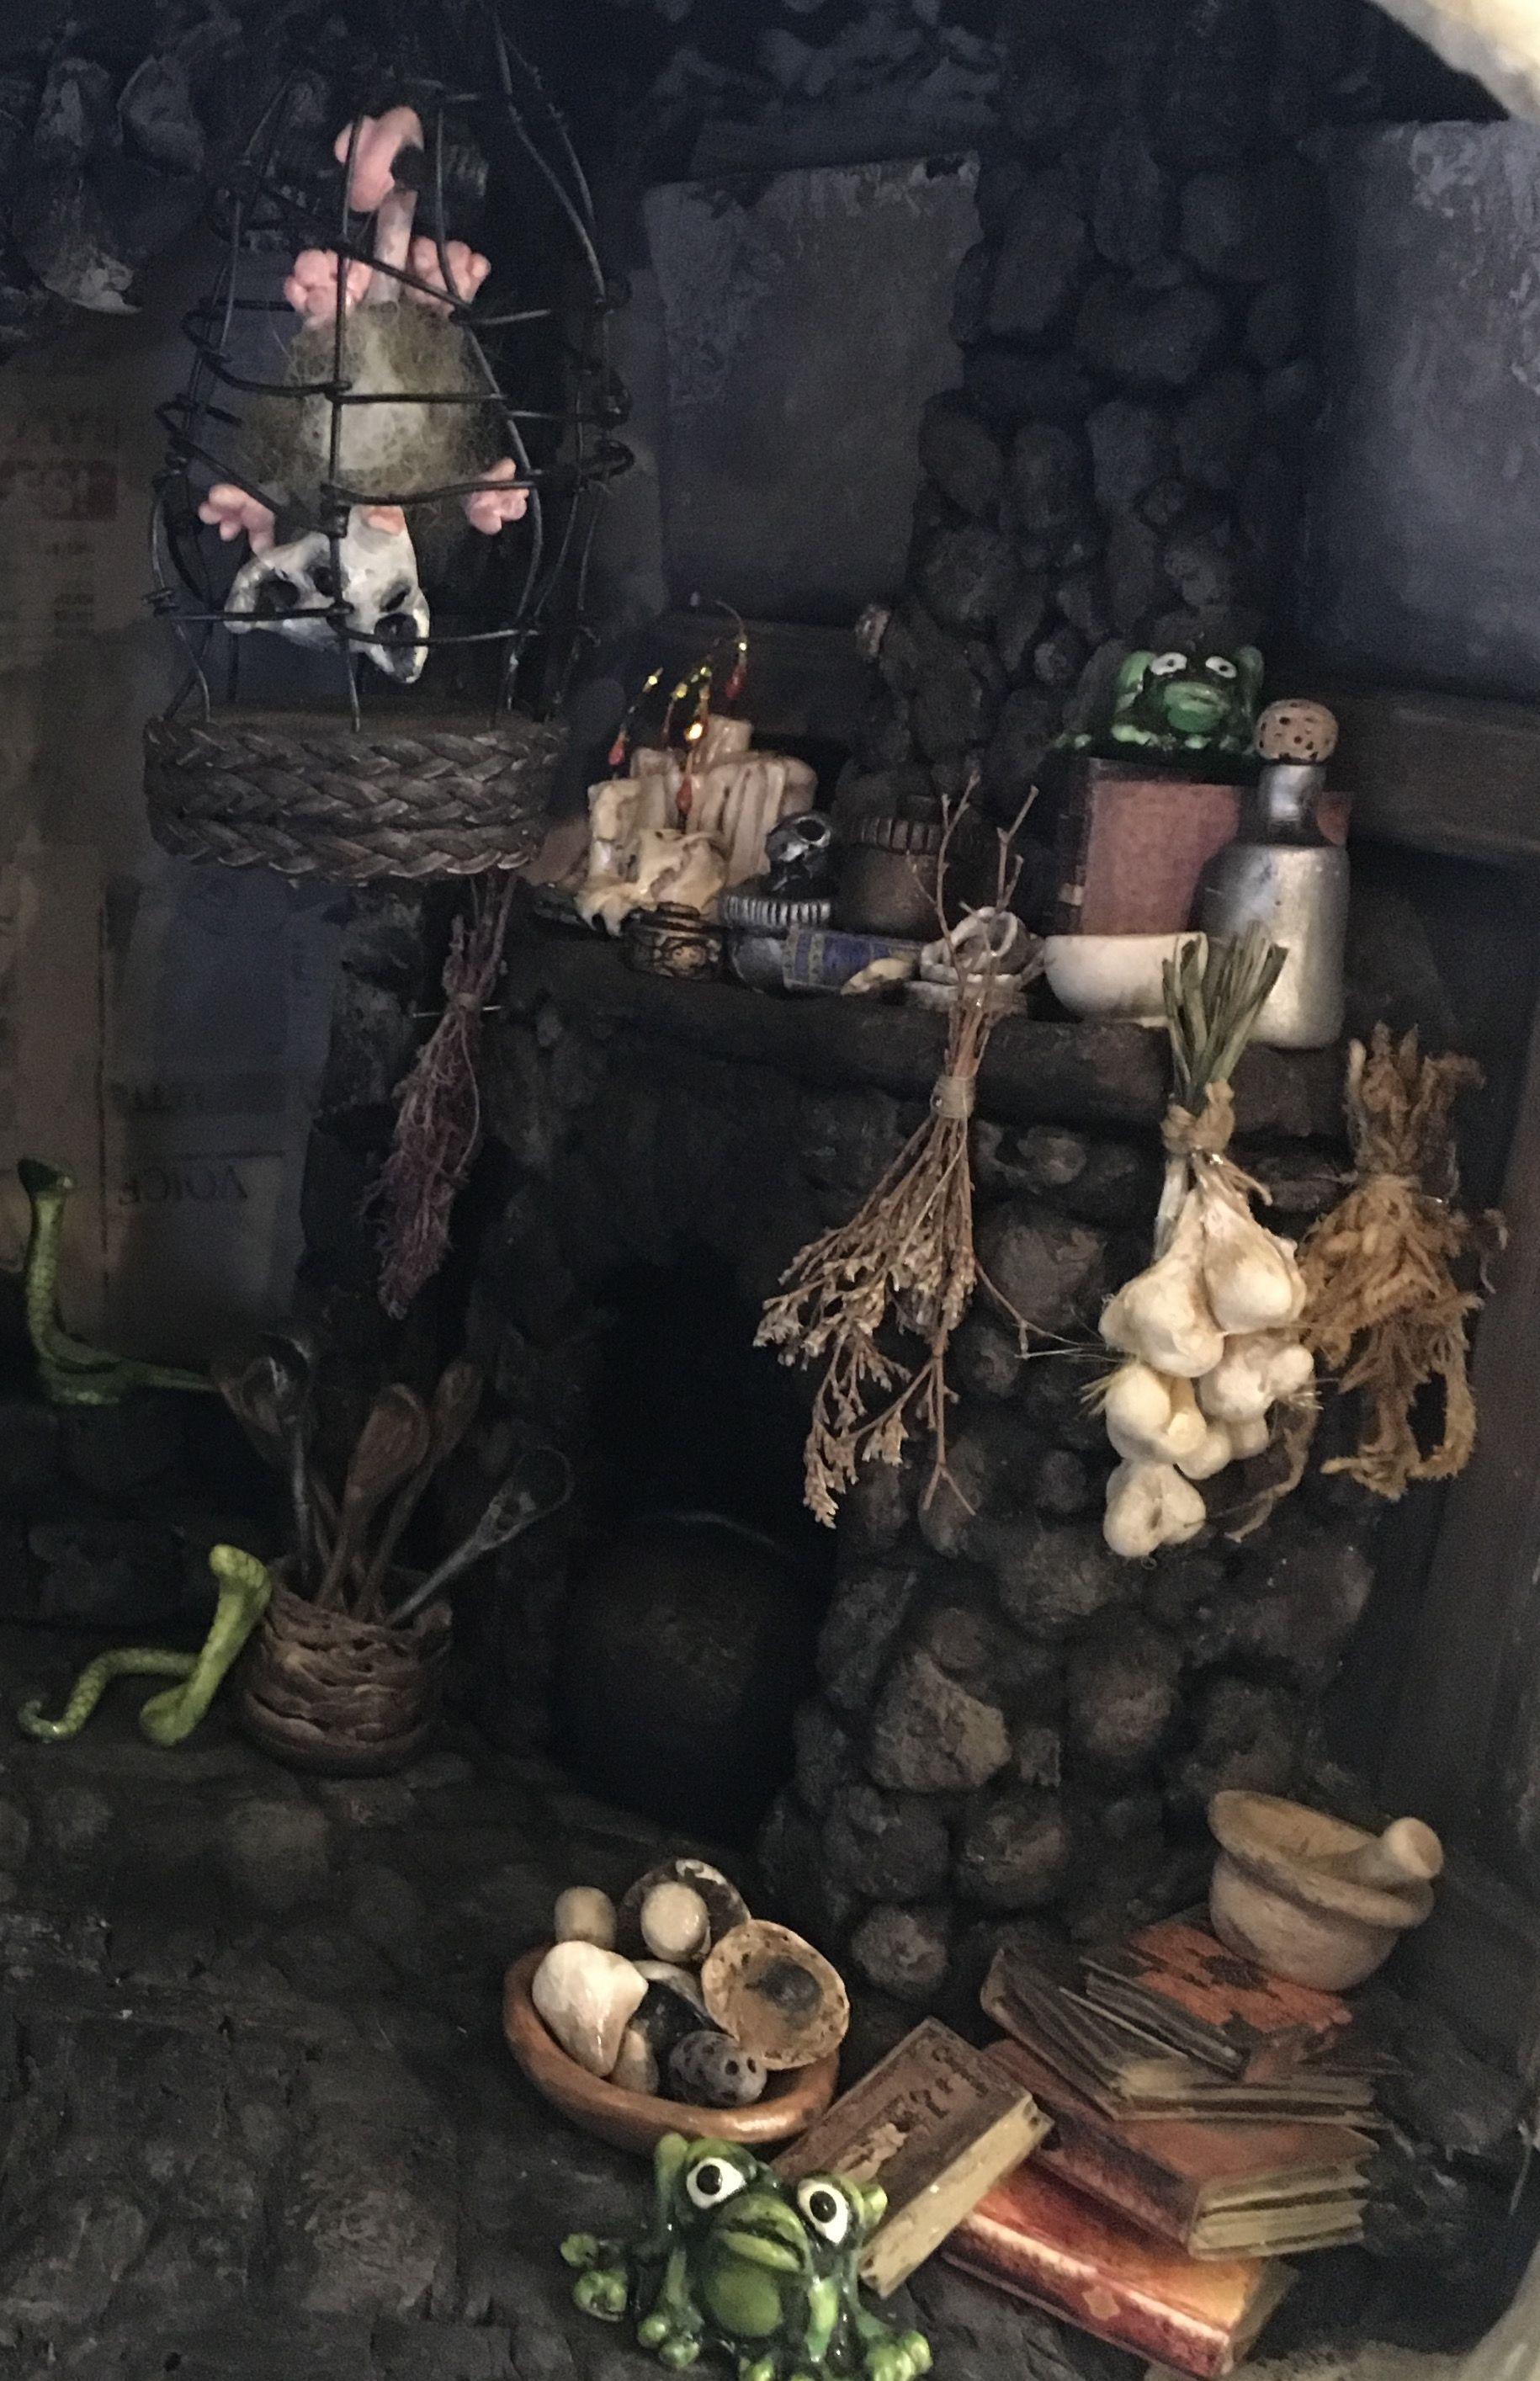 Miniature witches cottage by sculpture artist Jessica Dvergsten. #witchcottage